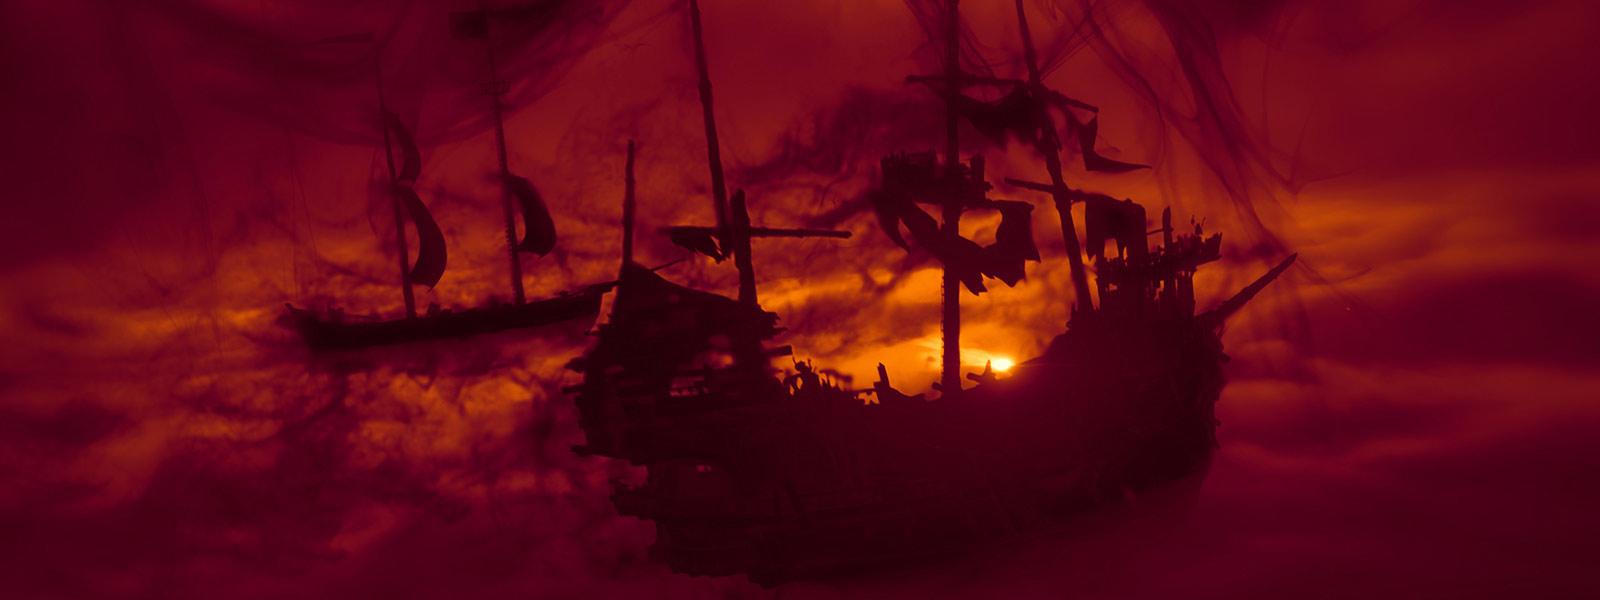 Silueta de dos barcos en el mar, con un fondo rojo